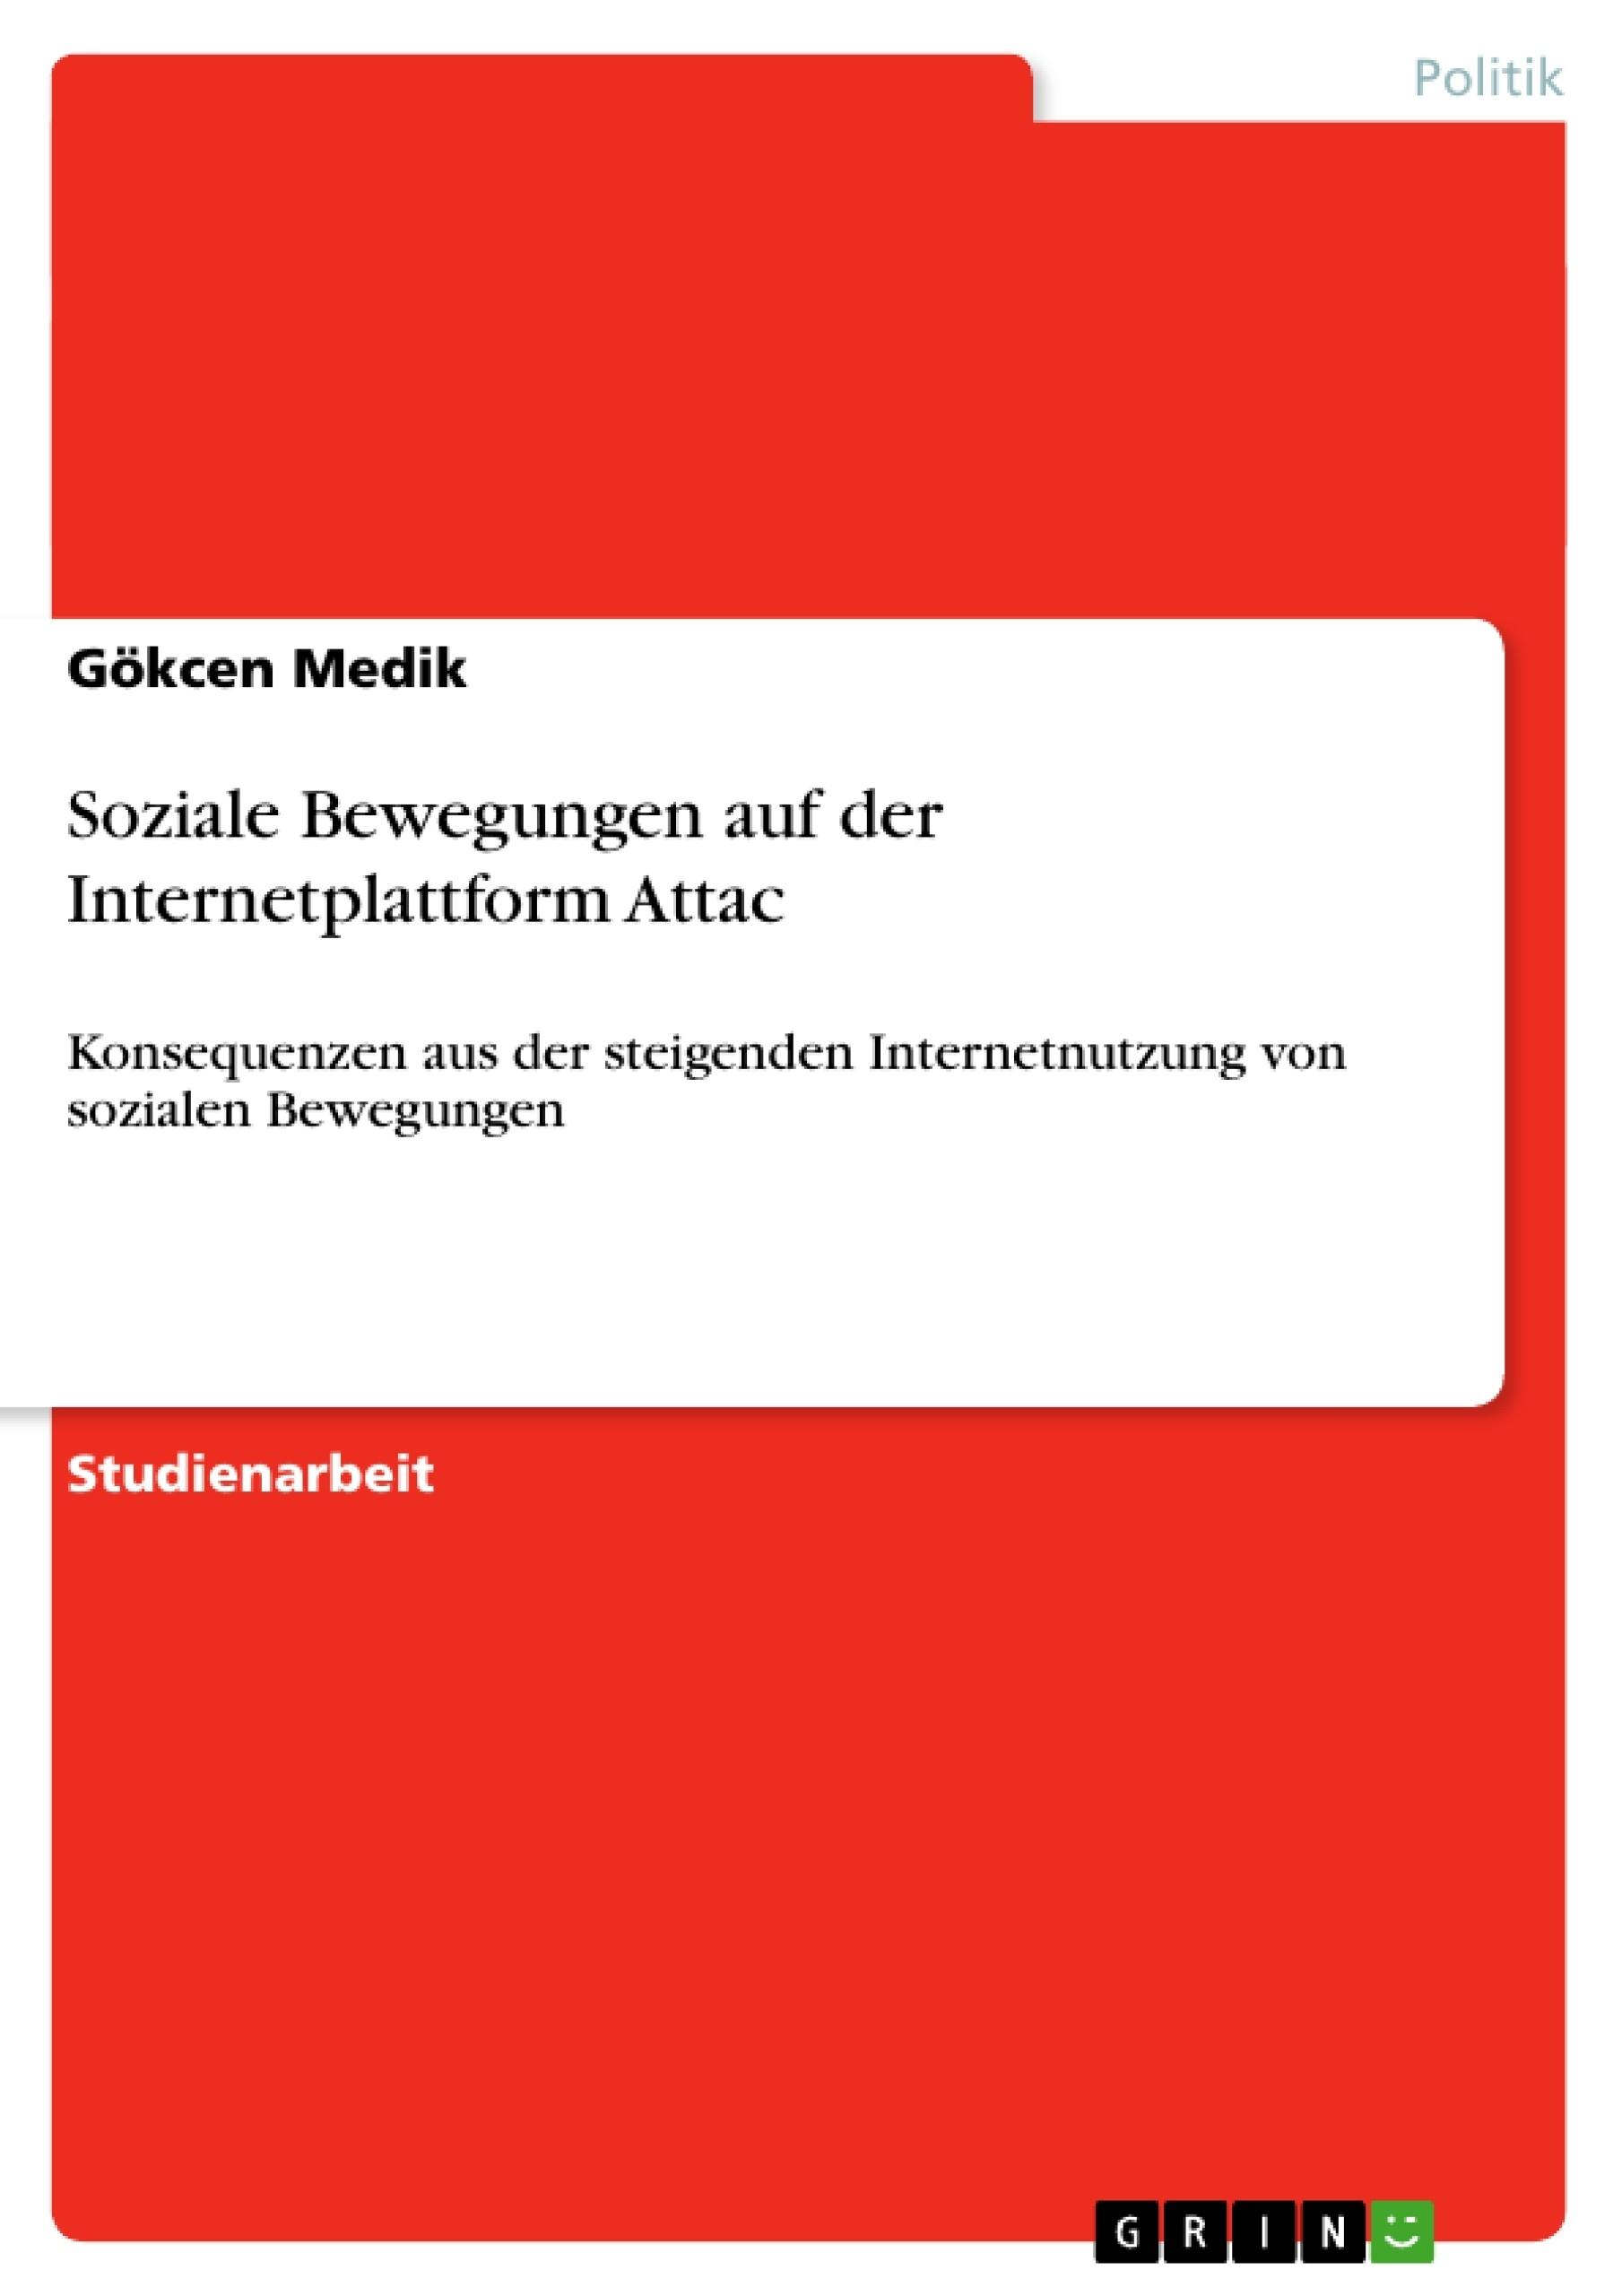 Titel: Soziale Bewegungen auf der Internetplattform Attac